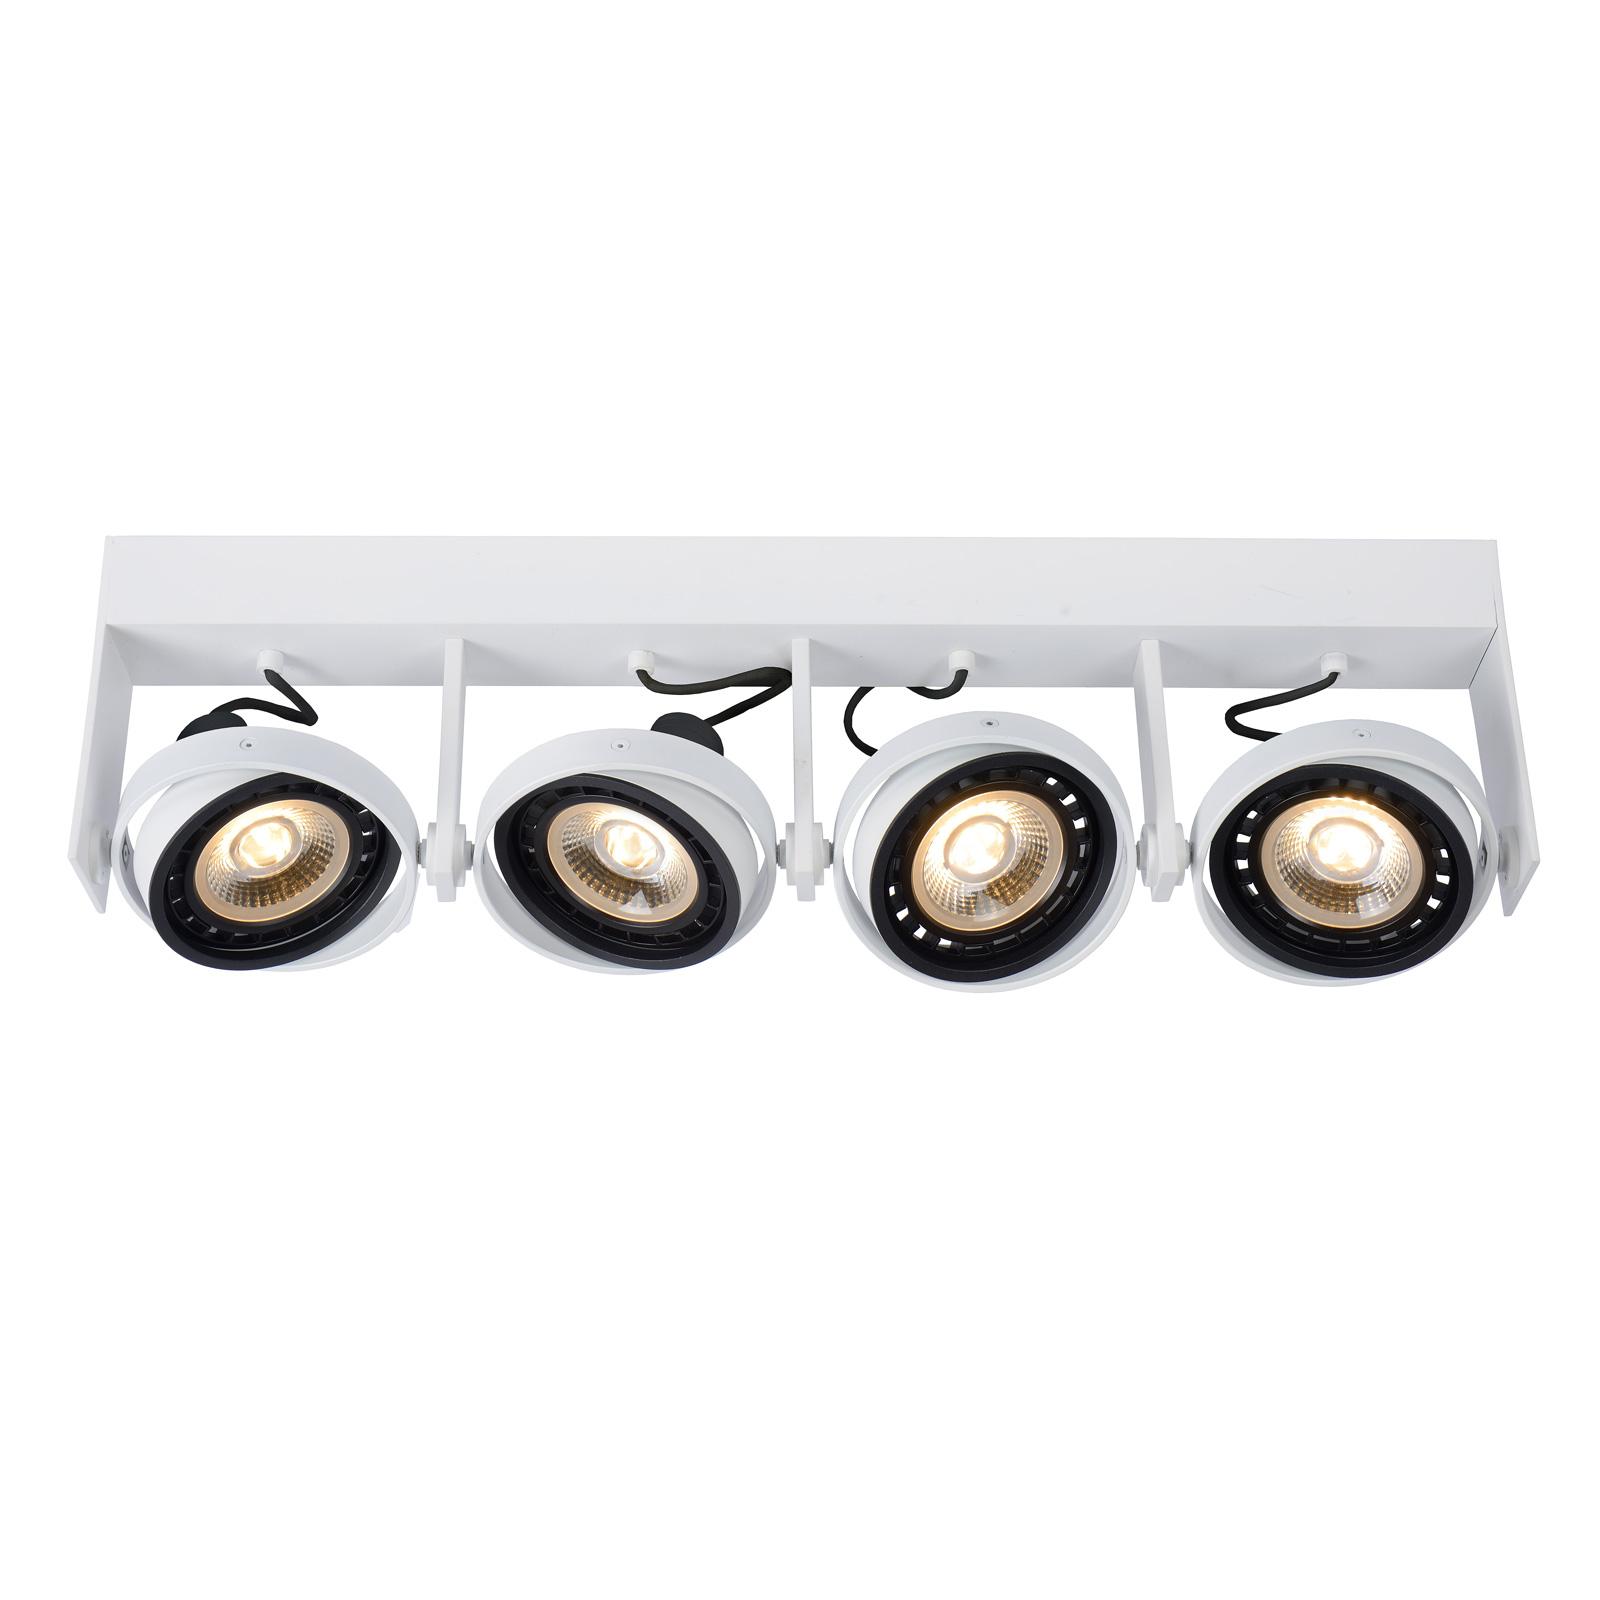 LED-Deckenstrahler Griffon weiß, vierflammig